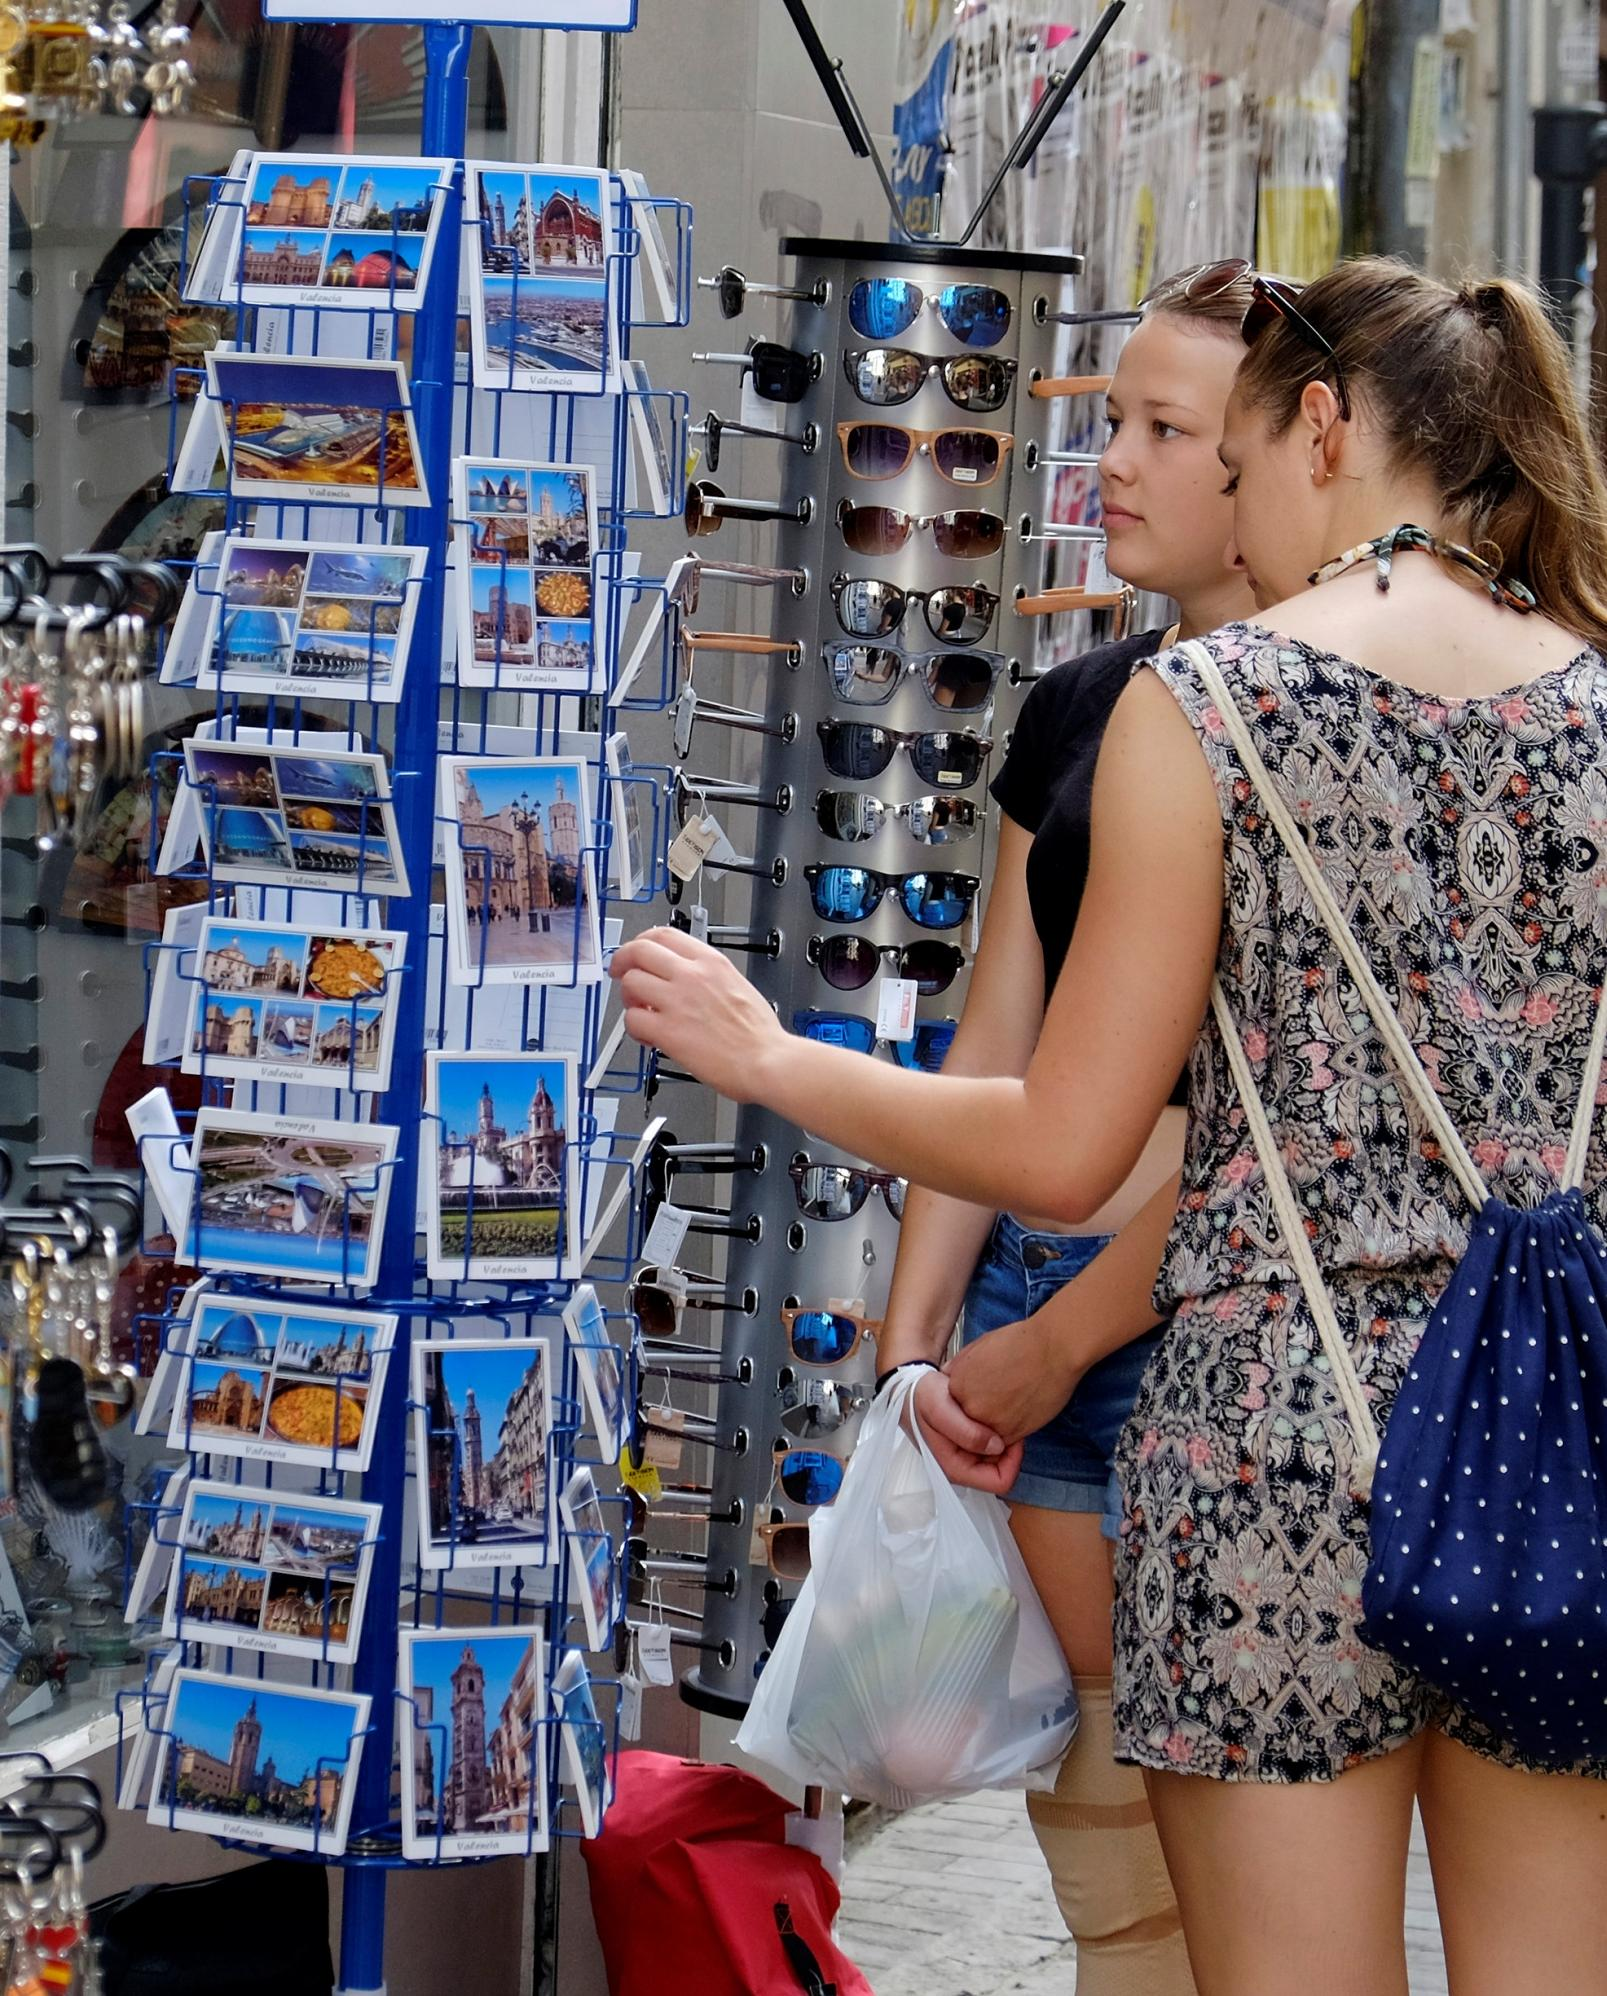 Un par de turistas ojean unas postales en una tienda de recuerdos en el centro de Valencia. REUTERS/Heino Kalis